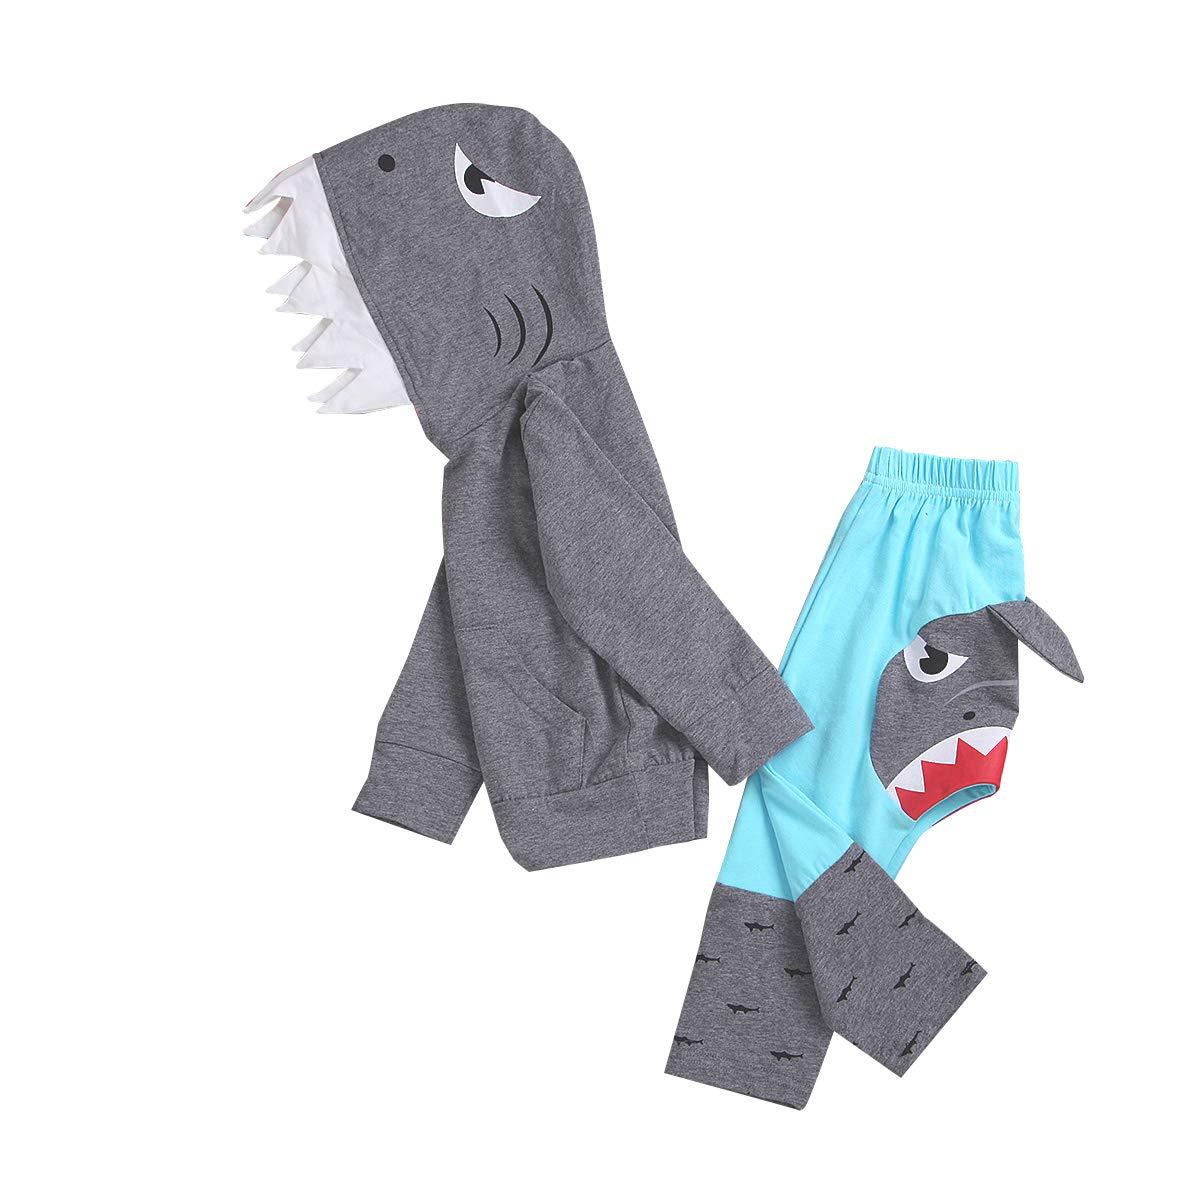 C&M Wodro Unisex Baby Autumn Winter Shark Hooded Sweatshirt Boys Girls Hoodies Kangaroo Muff Pockets & Shark Fin (Gray-Set, Size 120: 3-4 Years) by CM C&M WODRO